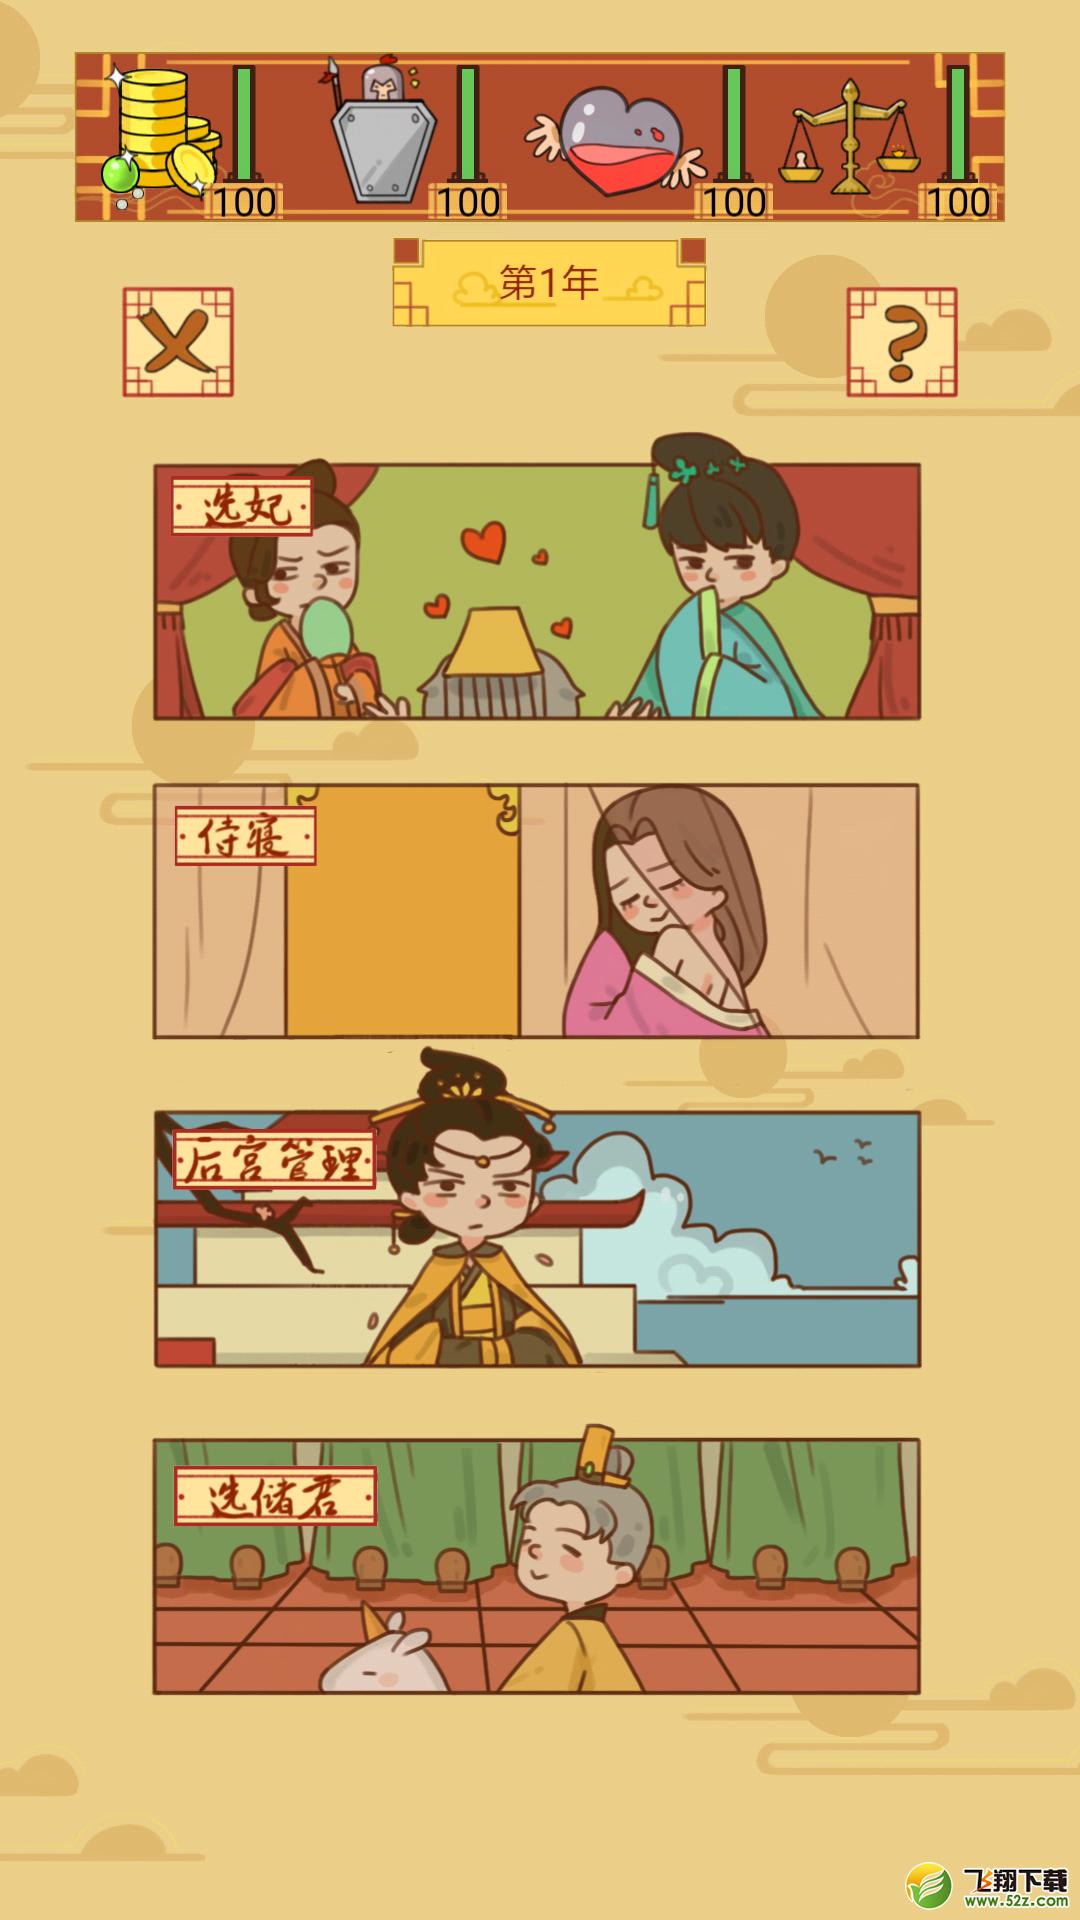 皇上你好蔡啊_52z.com